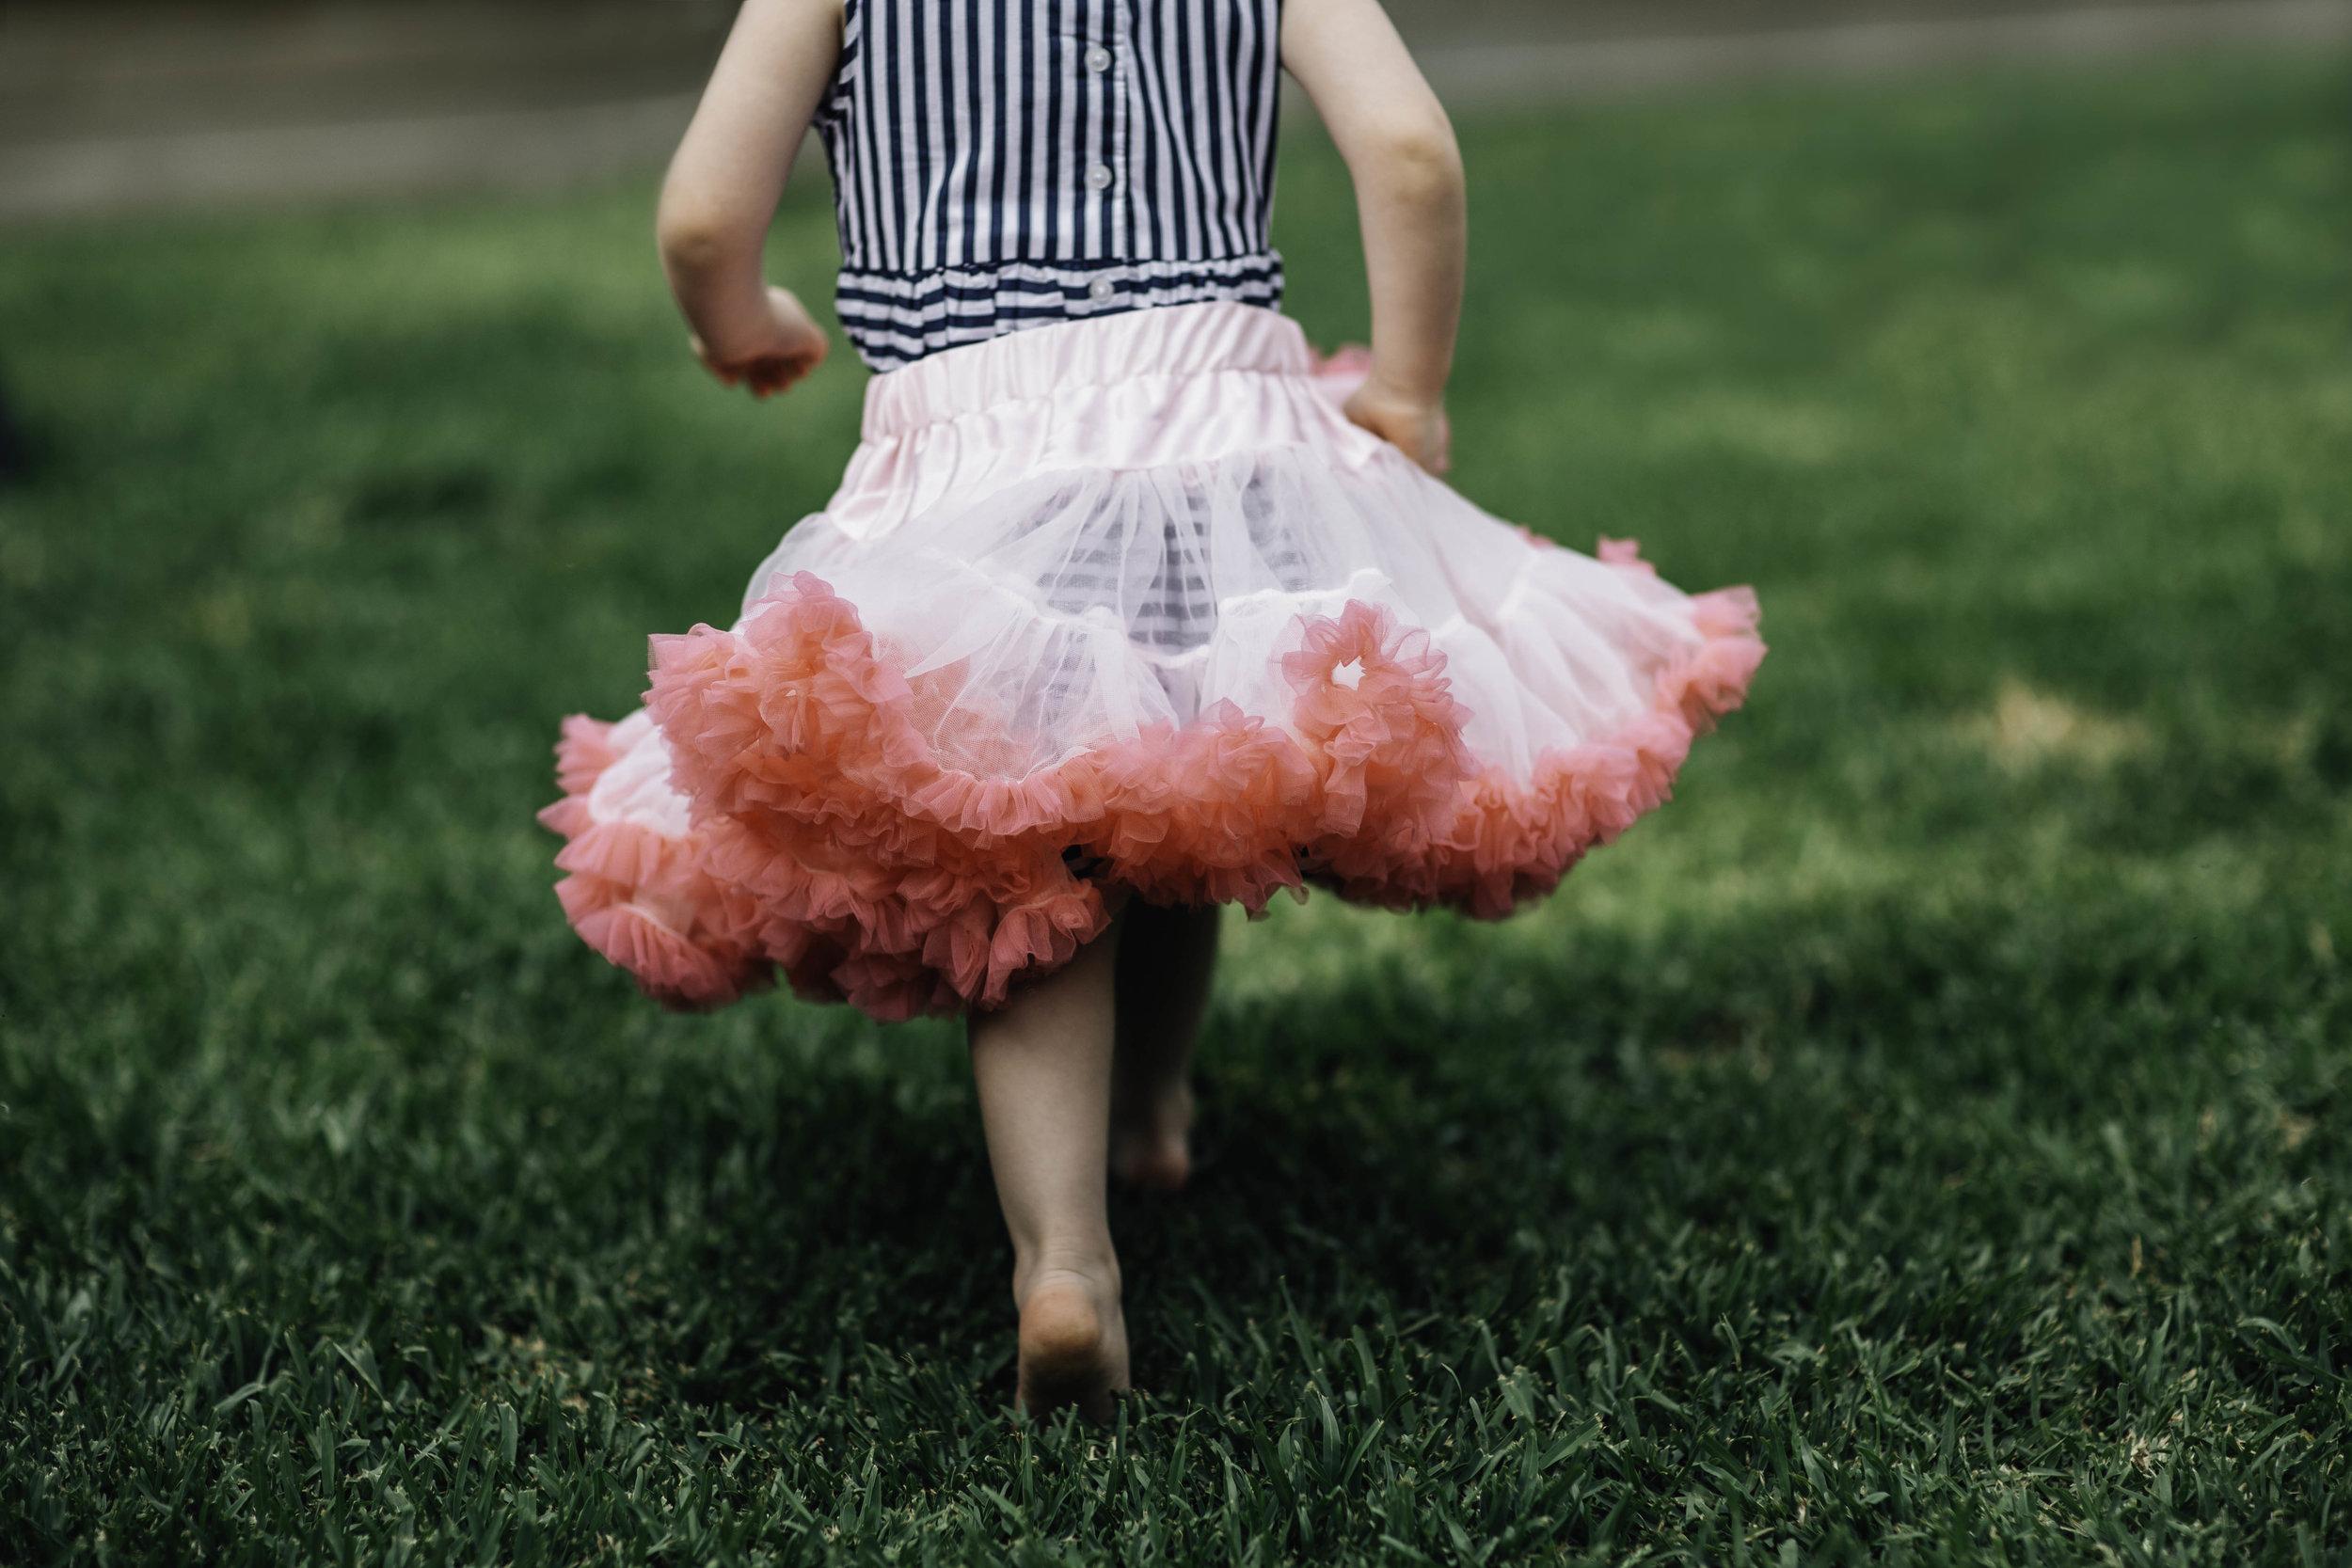 little-girl-running-in-fluffy-tutu-on-green-grass.jpg